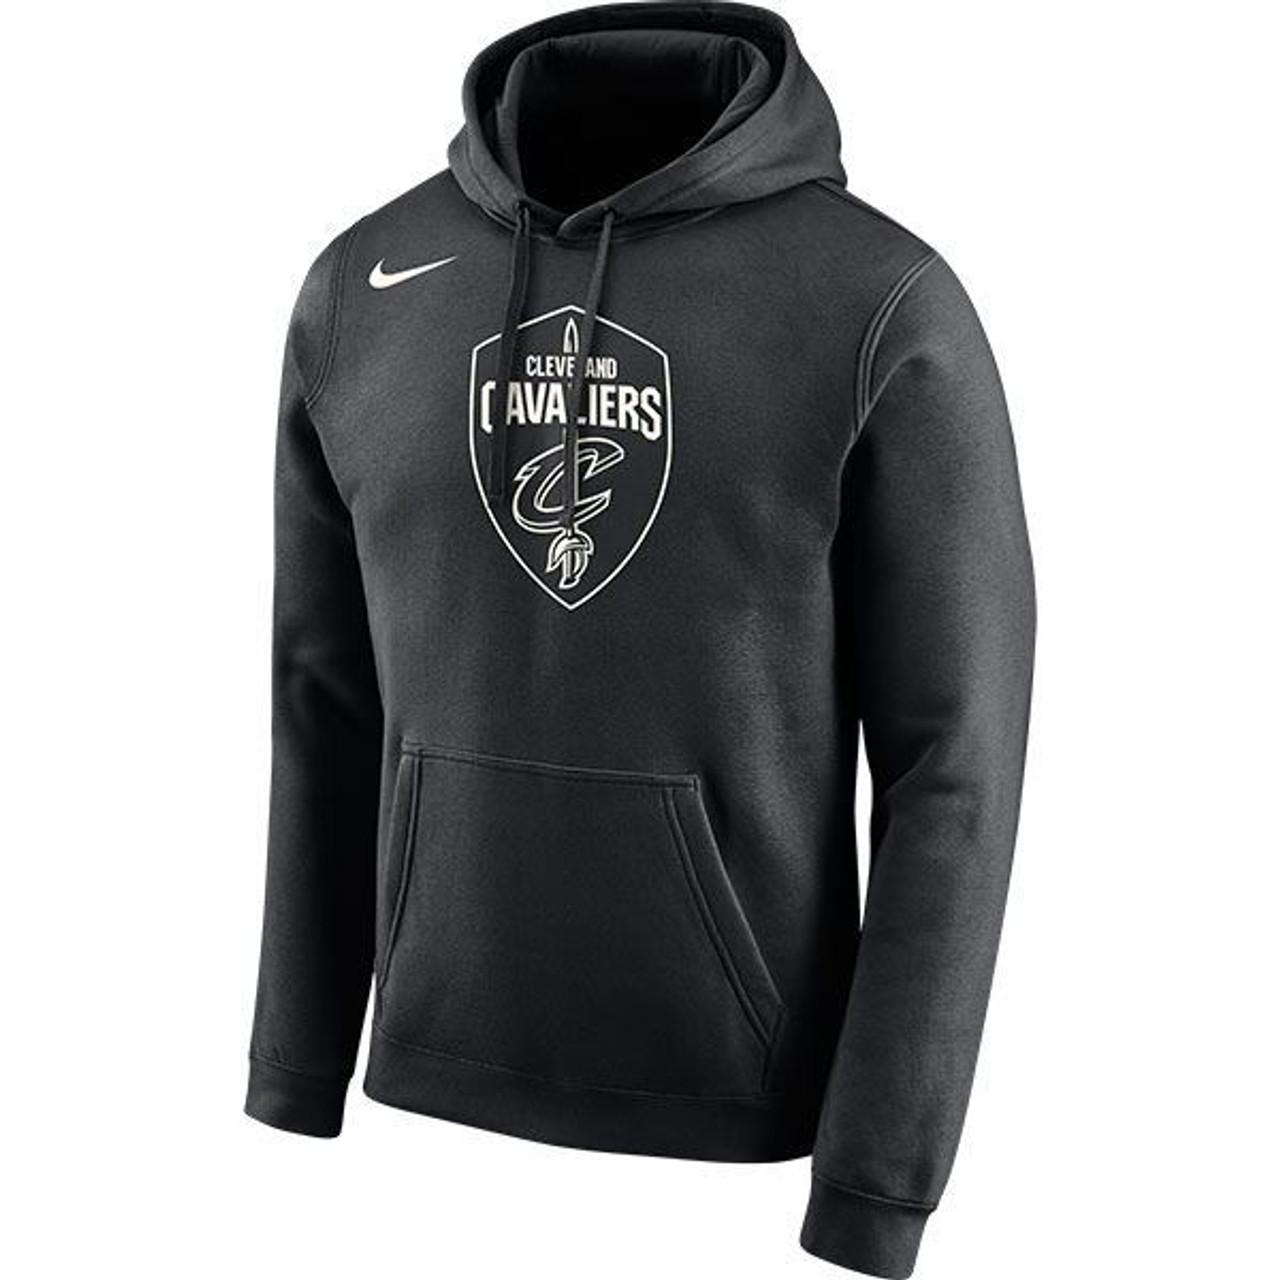 Nike Black & White Global Shield Hoodie